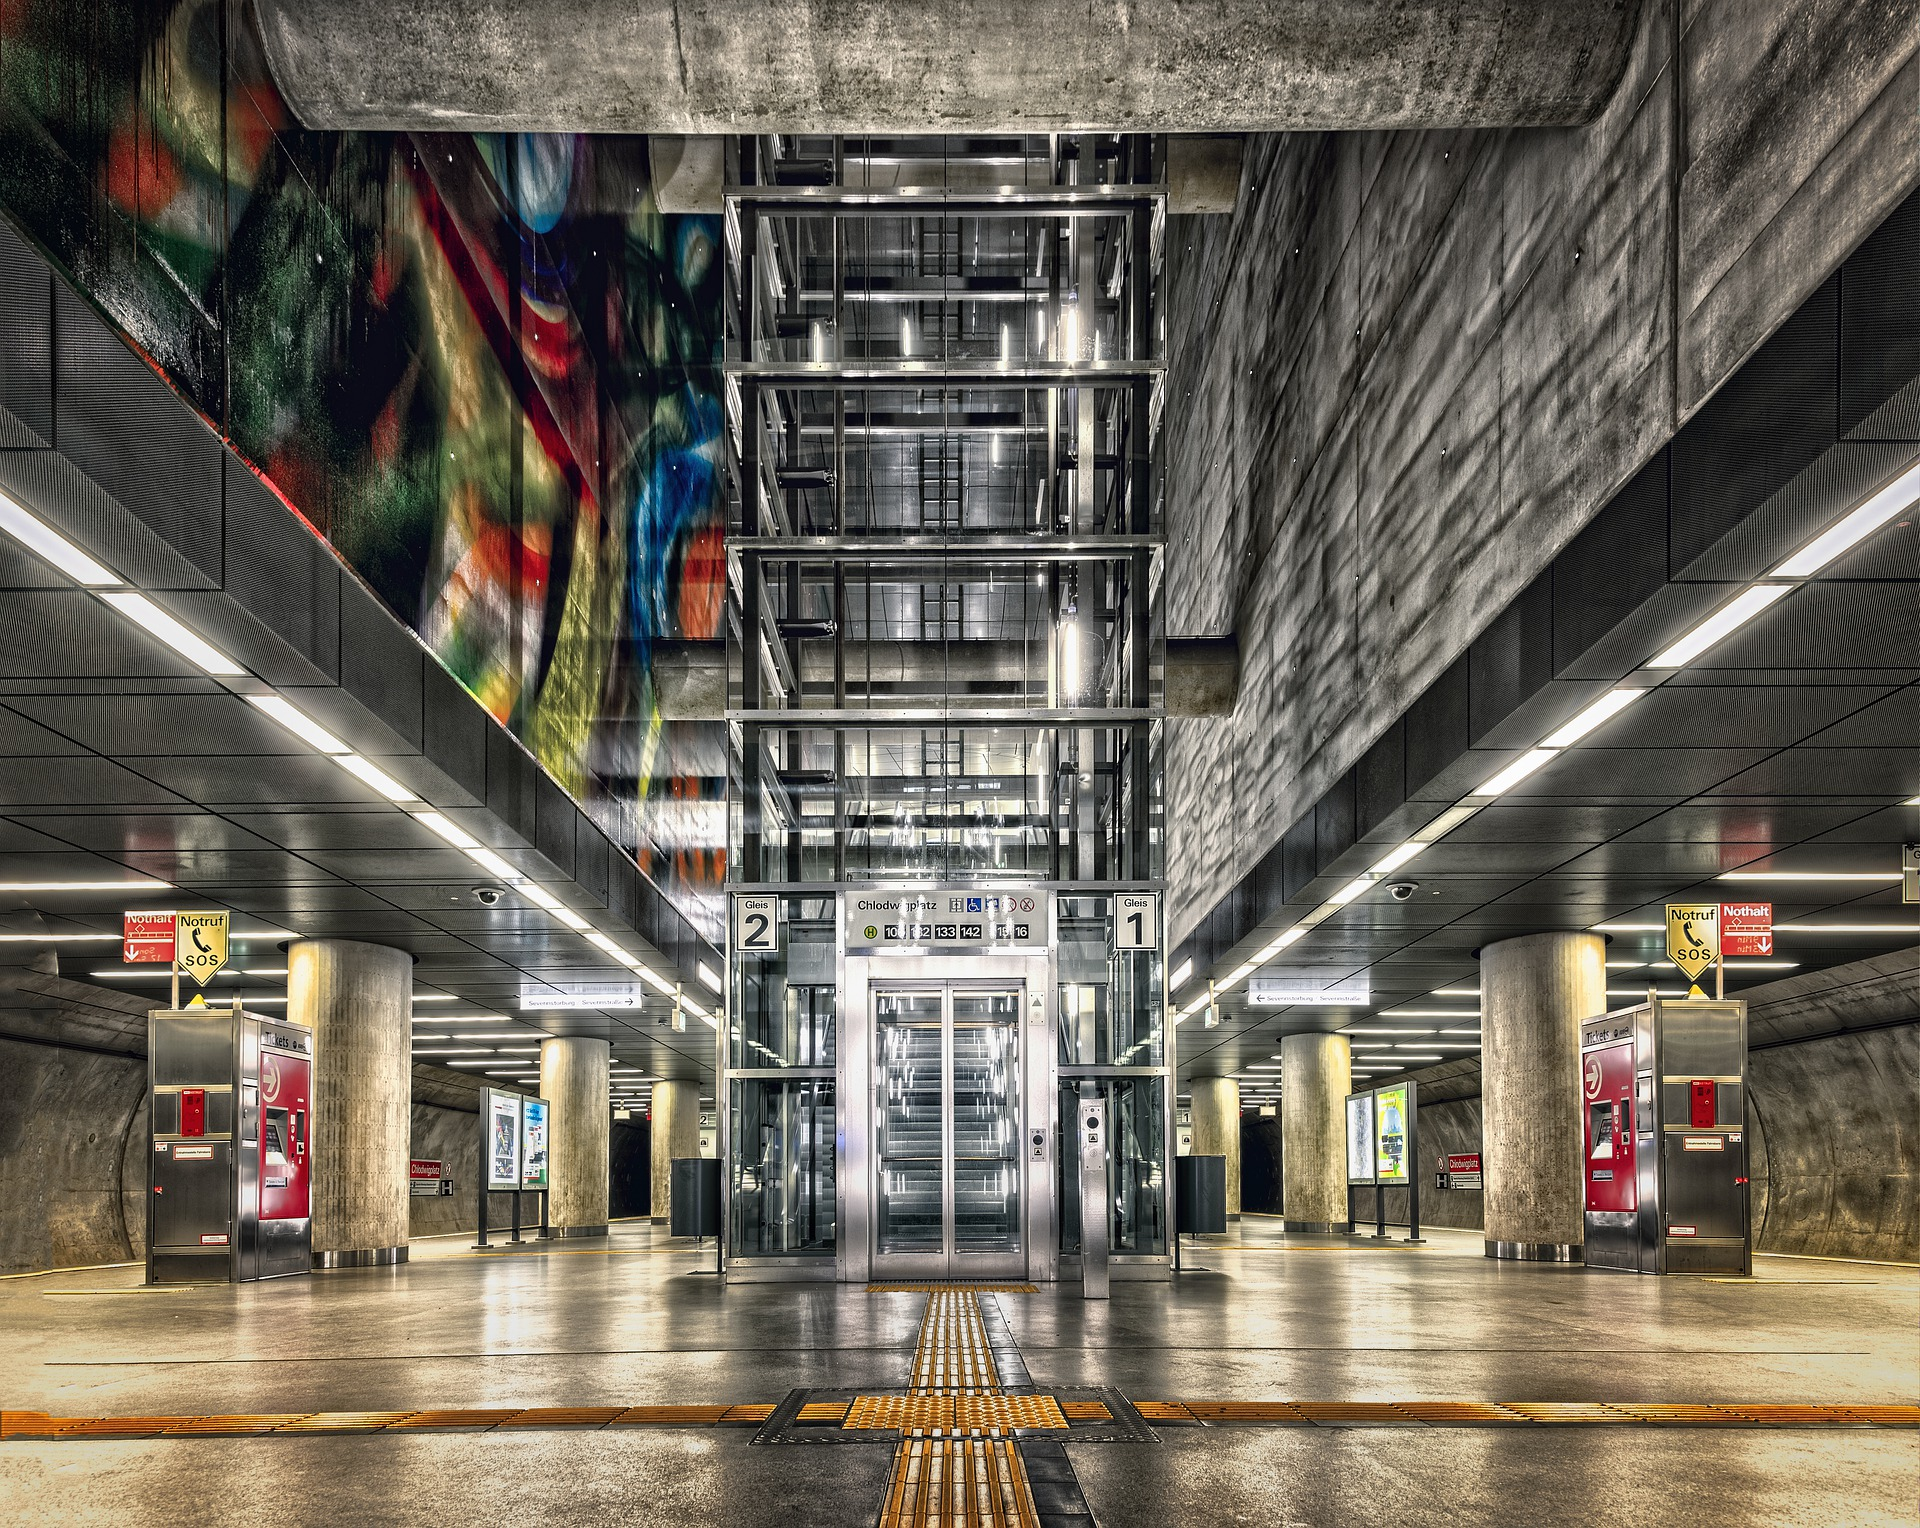 Mundo moderno: os elevadores elétricos